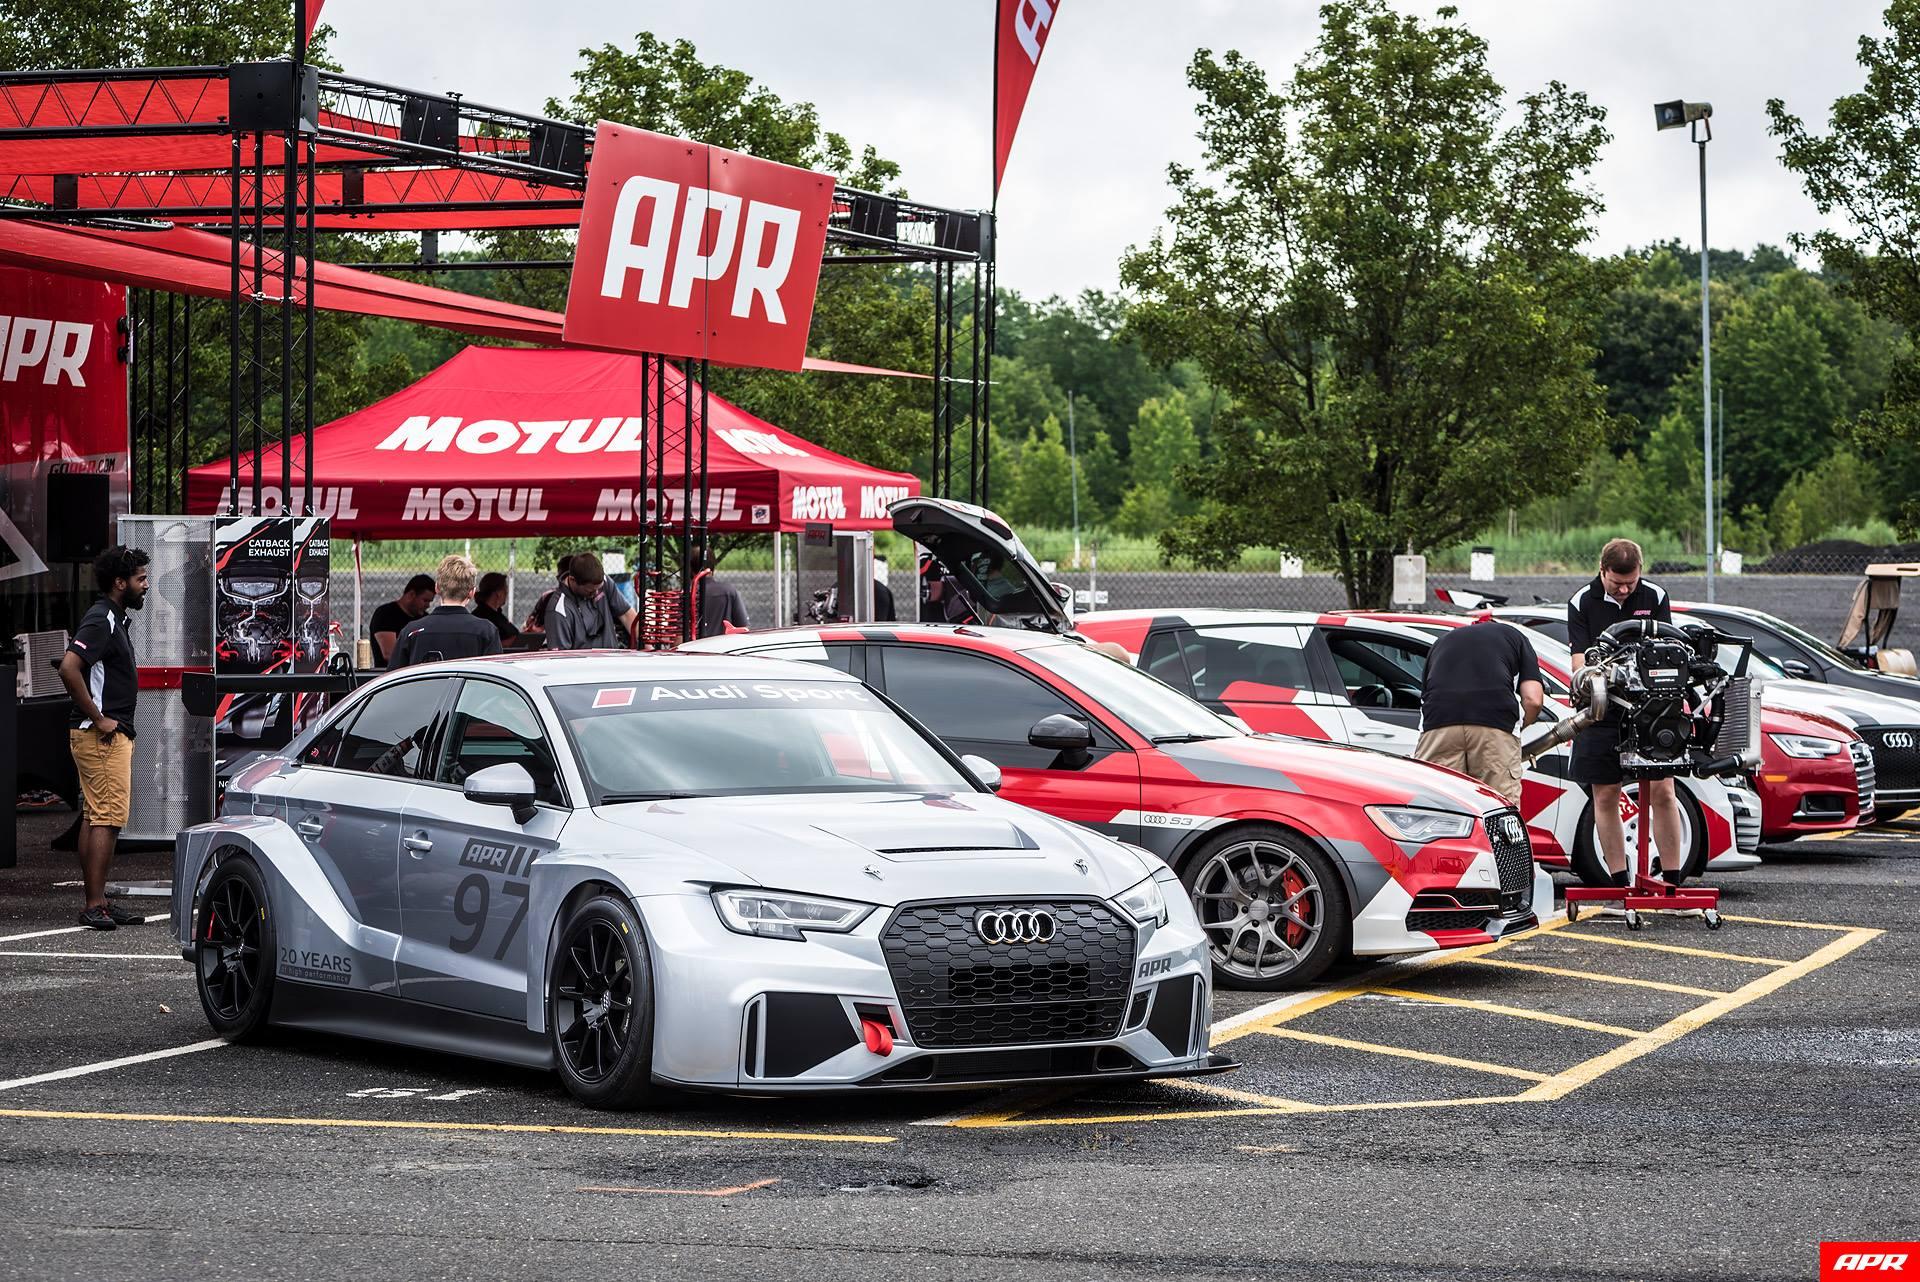 Welche Veränderungen nehmt ihr an Autos vor, um ihre Performance zu verbessern?